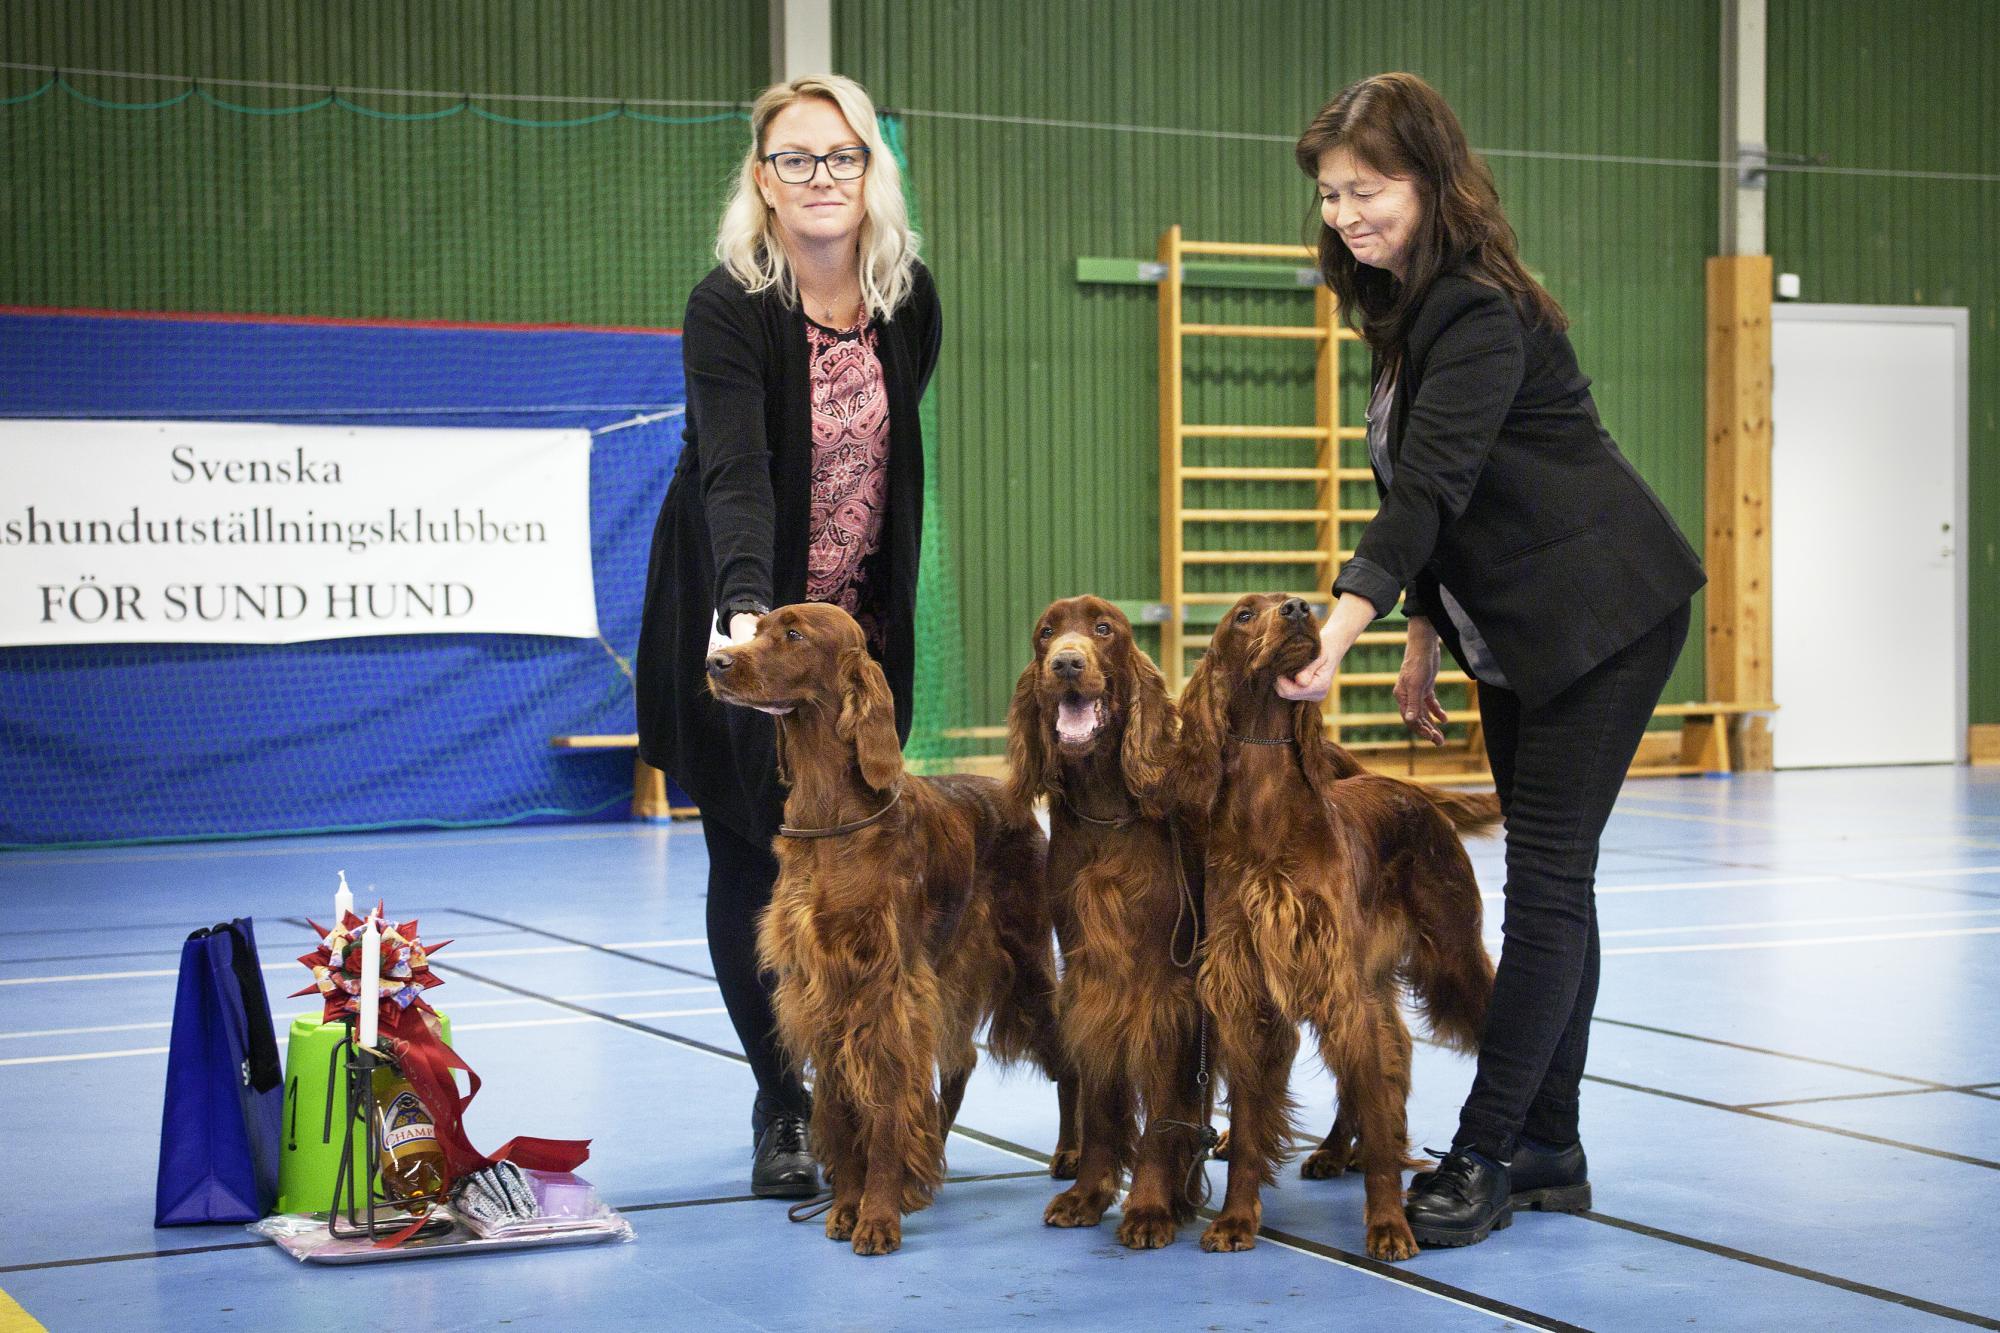 Eva Olsson från Mockfjärd tog hem vinsten i uppfödarklassen med hundarna Laiza's For Love O Irish, Laiza's Elliot (BIS 3a) och Laiza's Hallo I'm Irish. Maria Eriksson hjälpte sin uppfödare att visa hundarna.